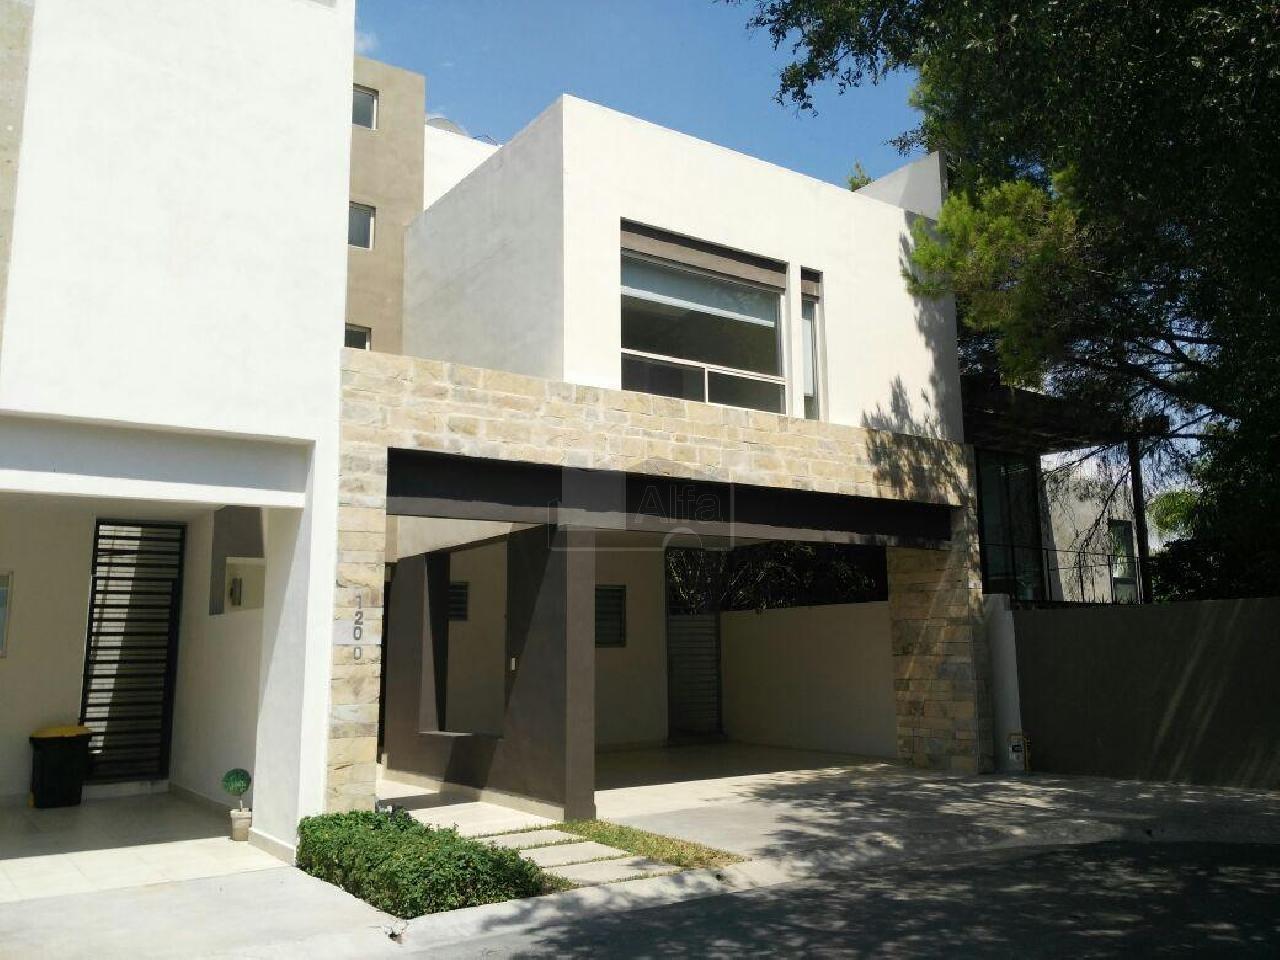 Casa en renta villas la rioja monterrey 3 habitaciones for Casas en renta monterrey